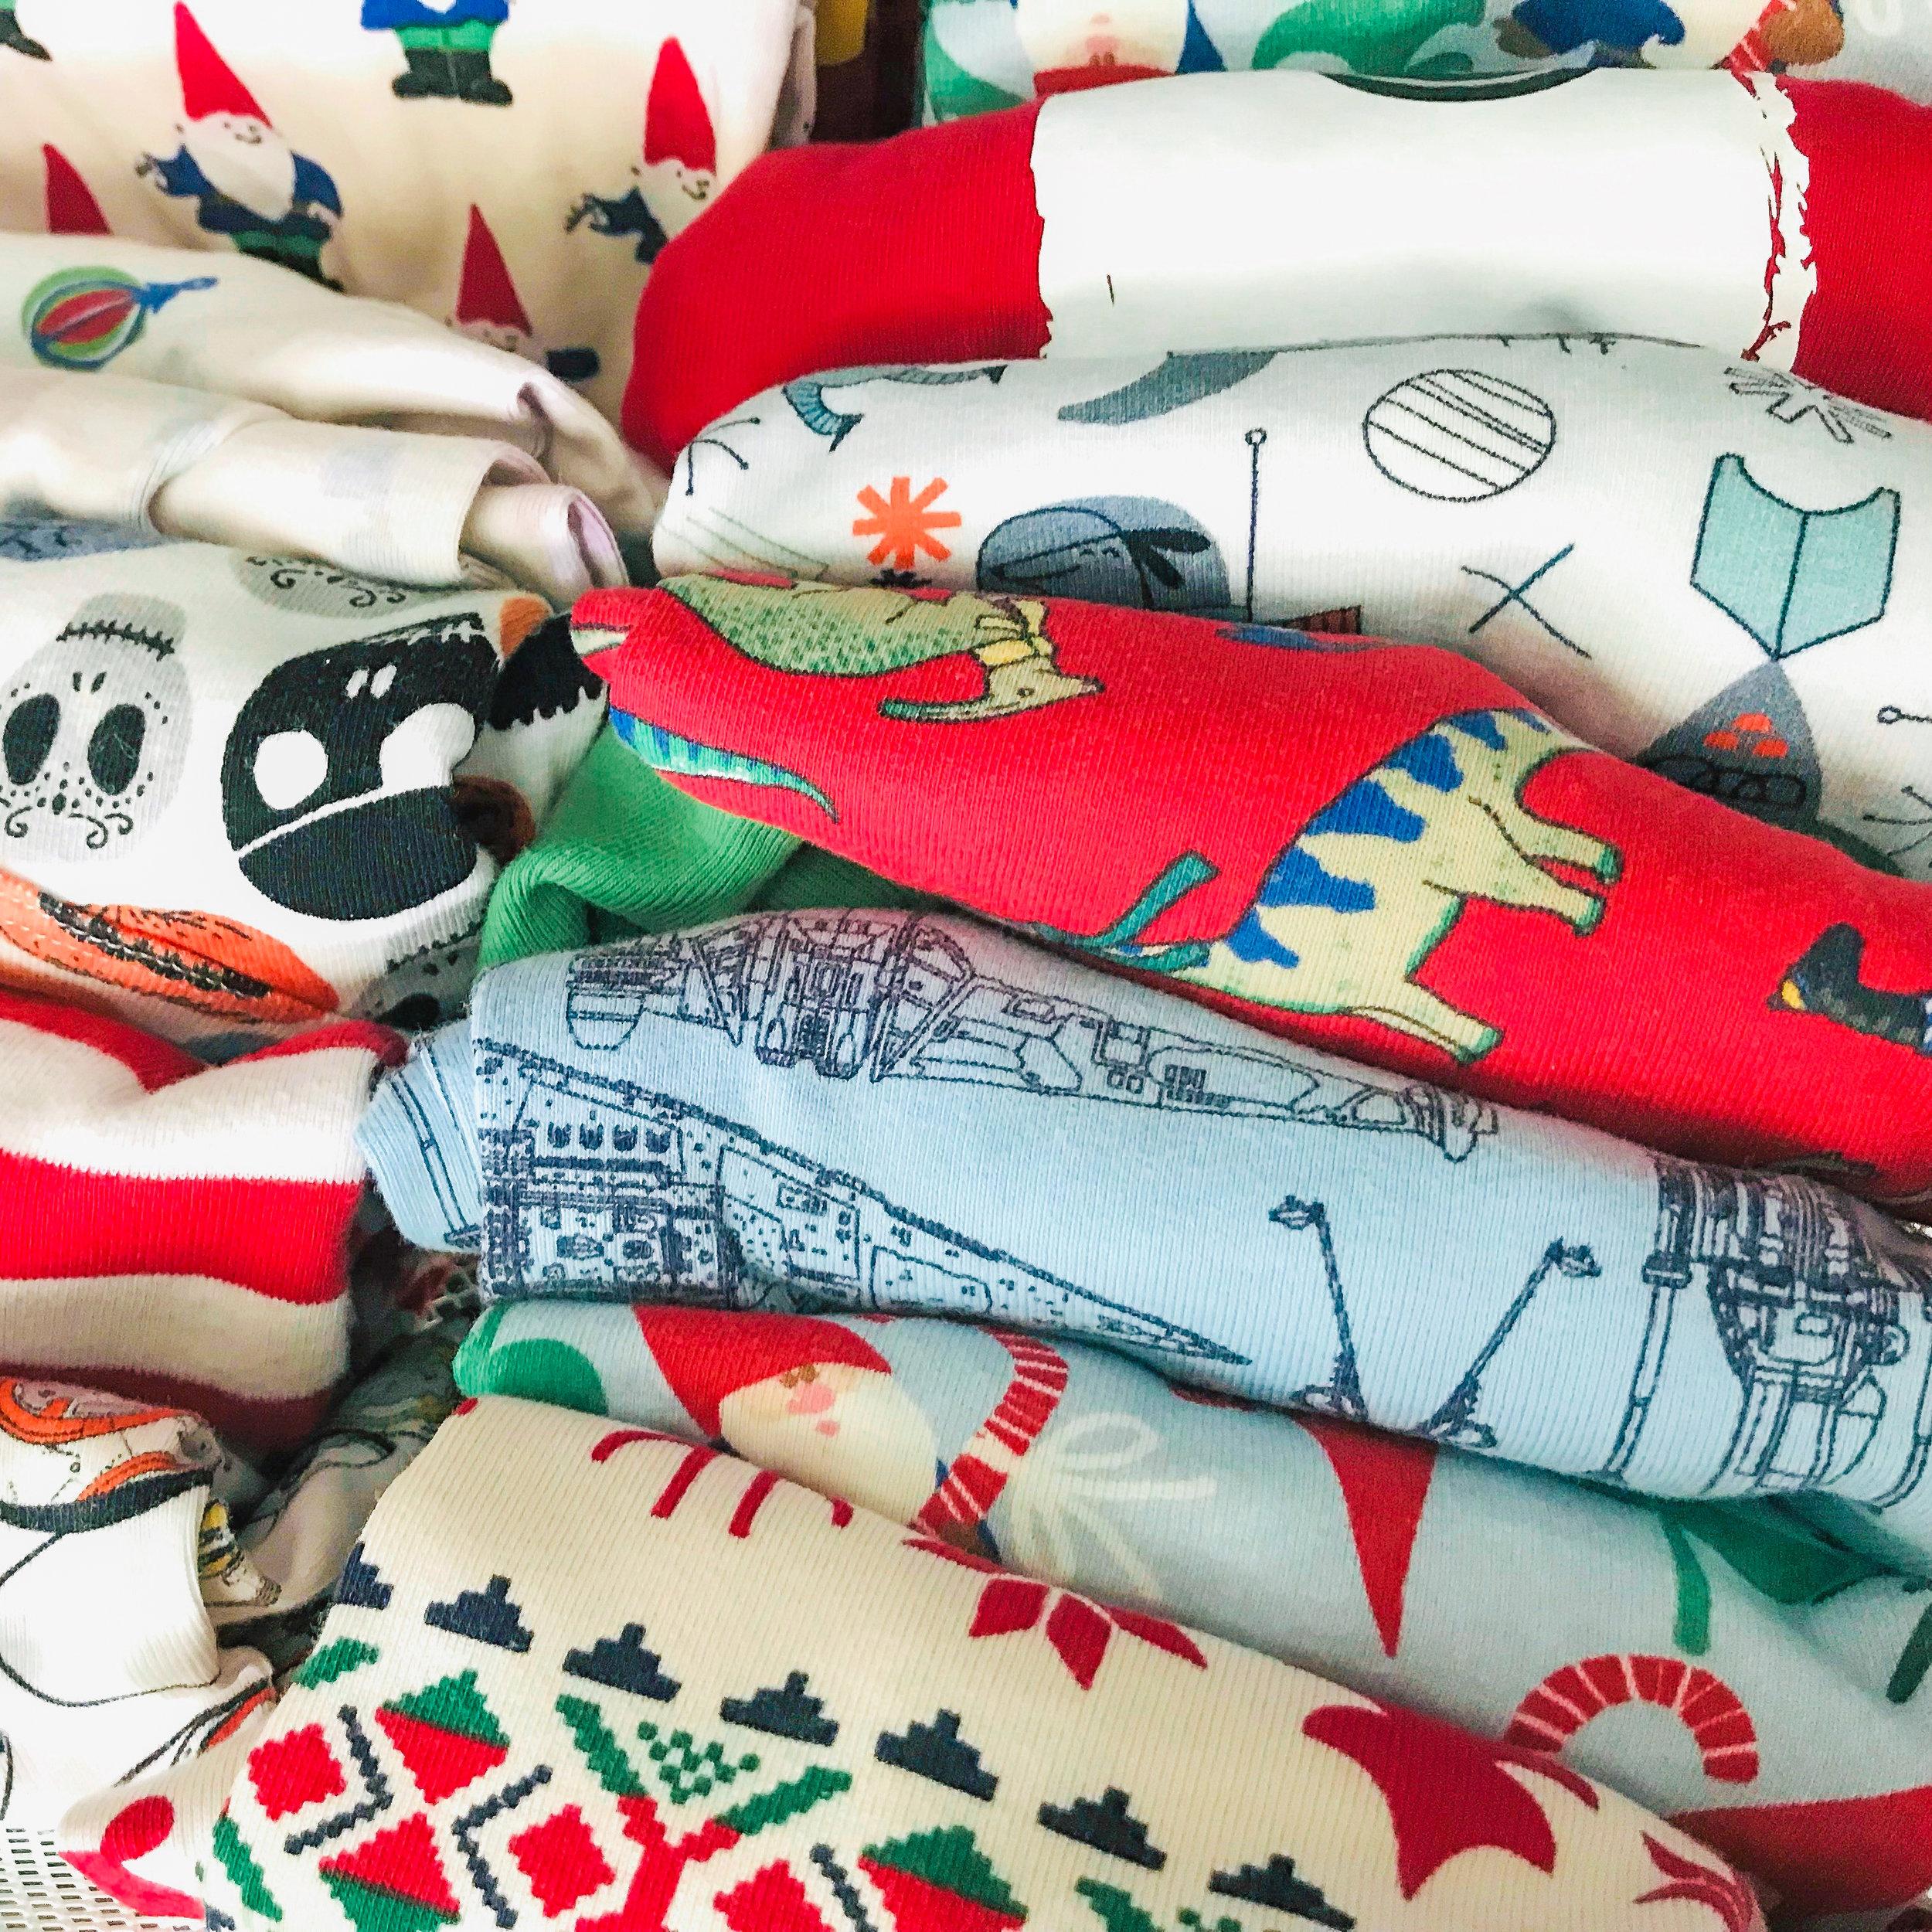 A KonMaried drawer of pajamas truly sparks joy